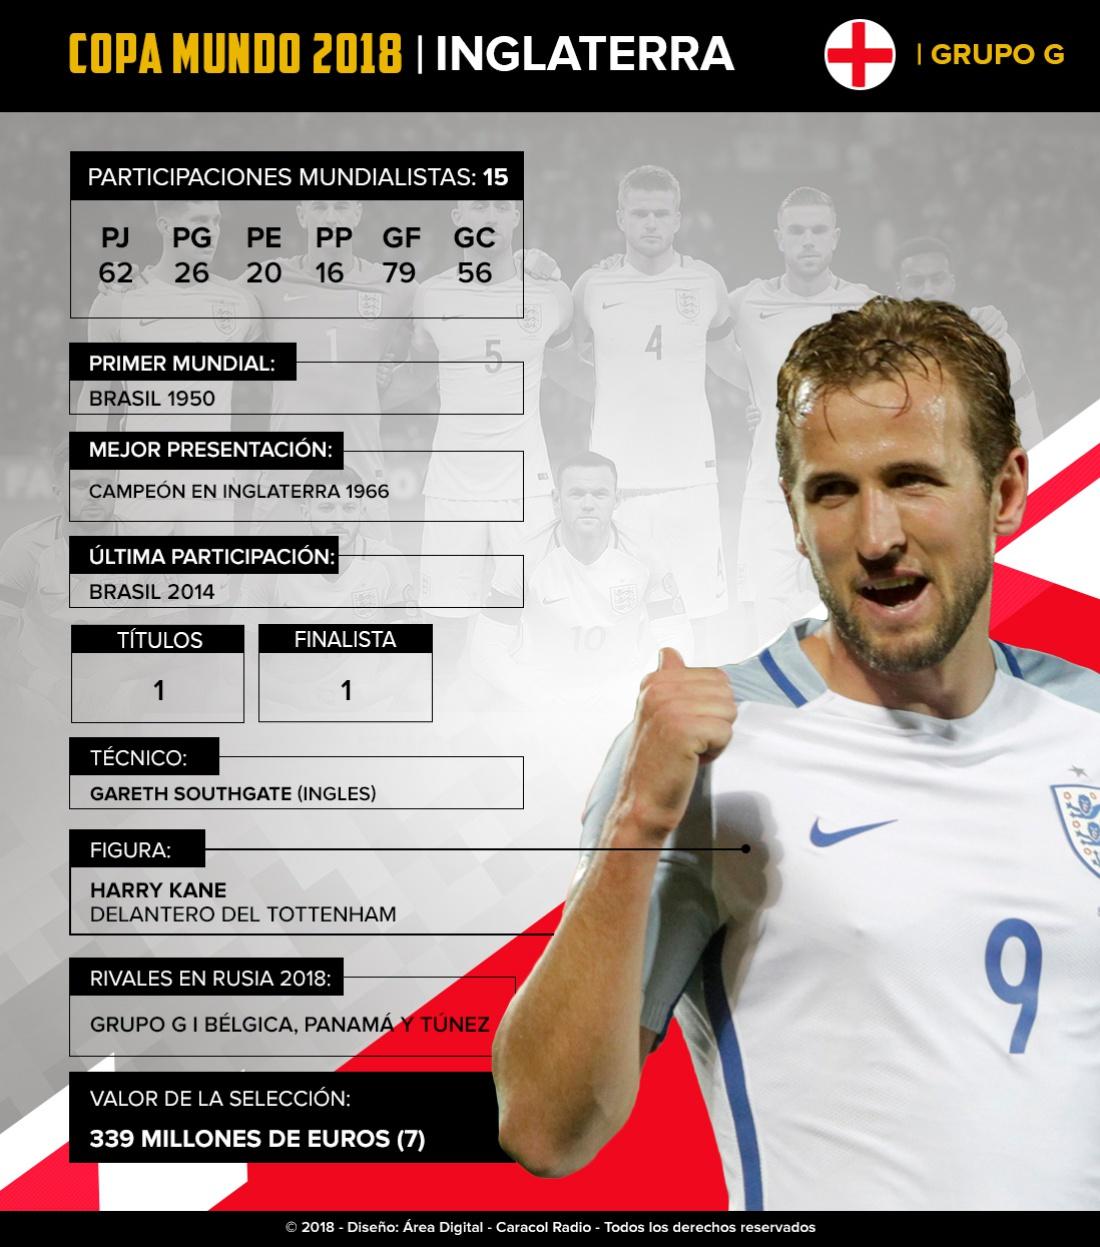 Mundial 2018: Inglaterra: un equipo joven que intentará ganar su segunda Copa del Mundo